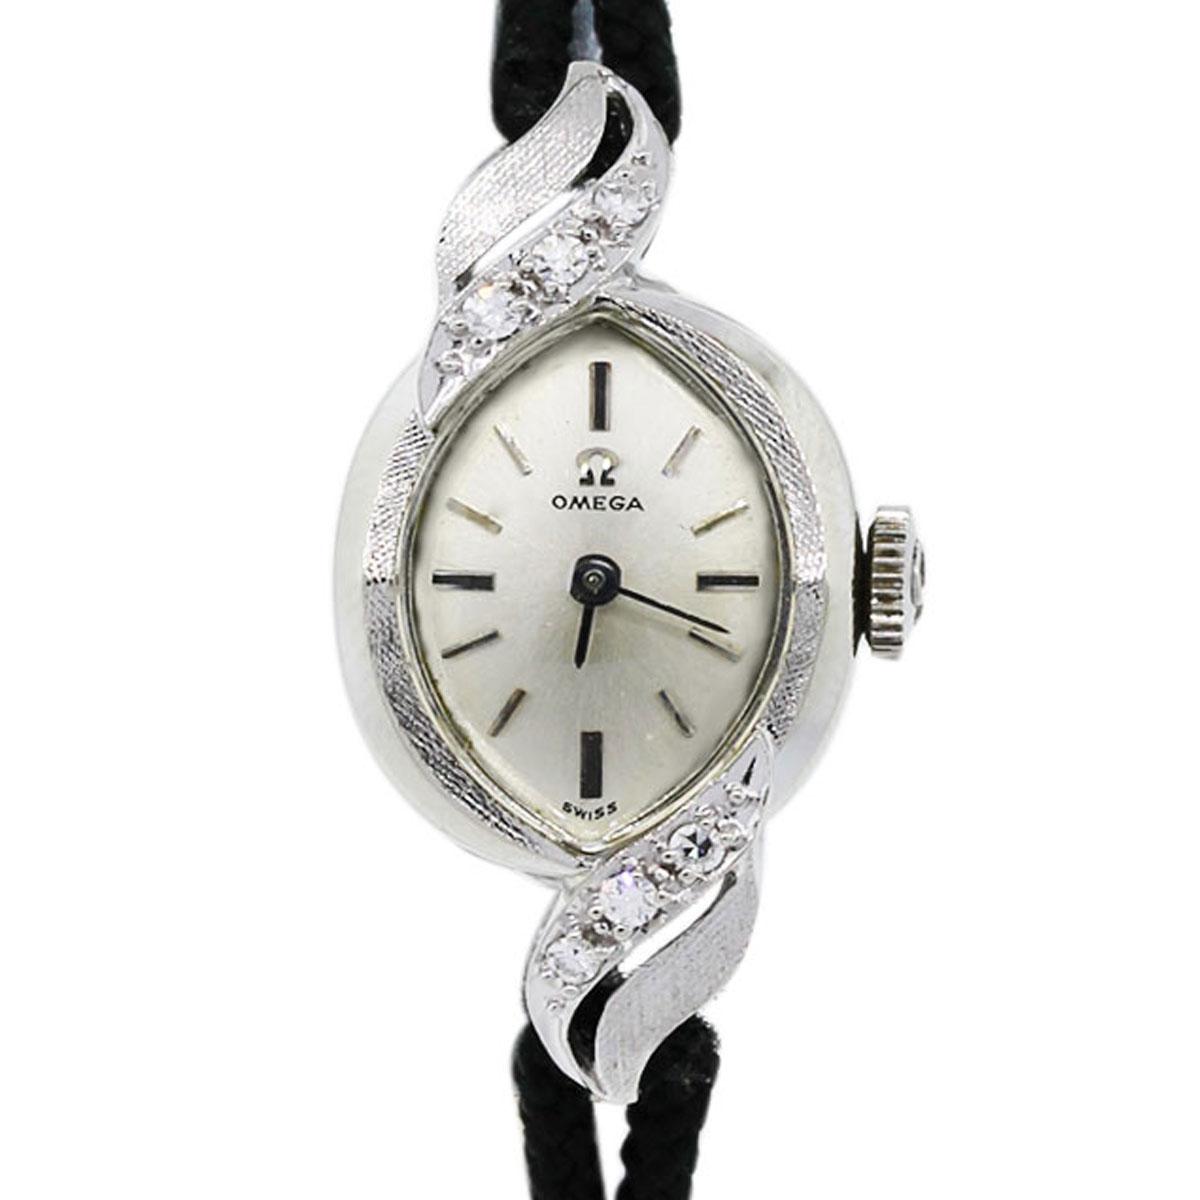 Antique 14k White Gold Diamond Ladies Omega Watch Boca Raton